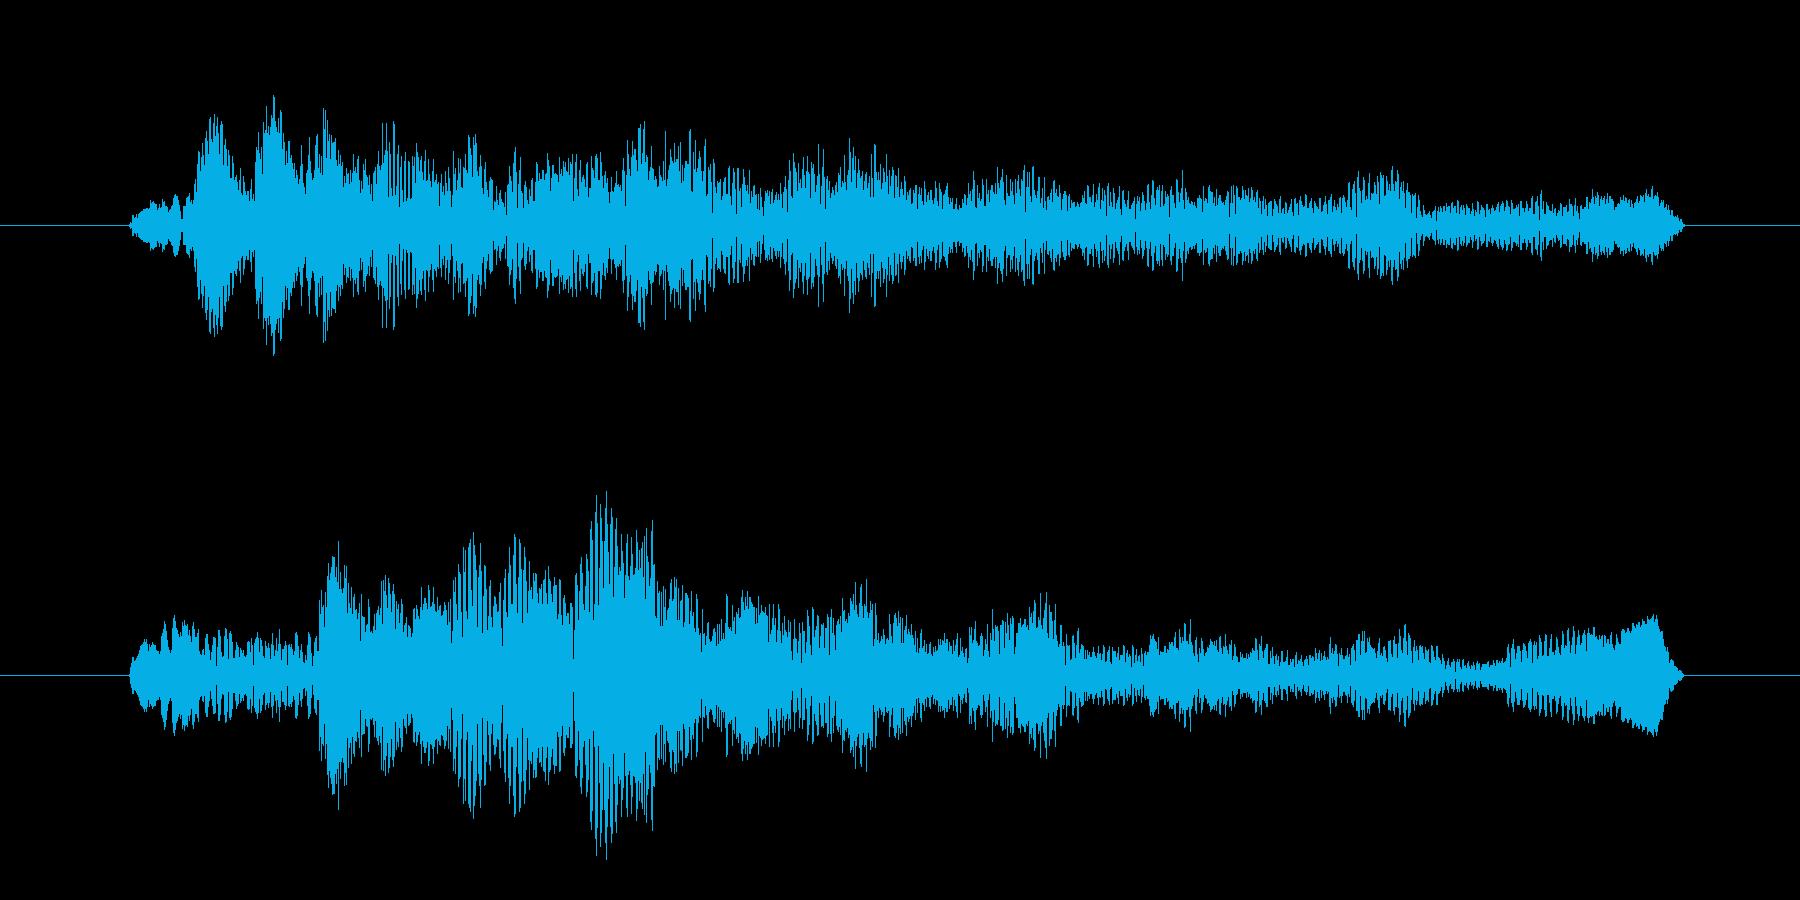 アンビエントな質感で細かなピアノジングルの再生済みの波形